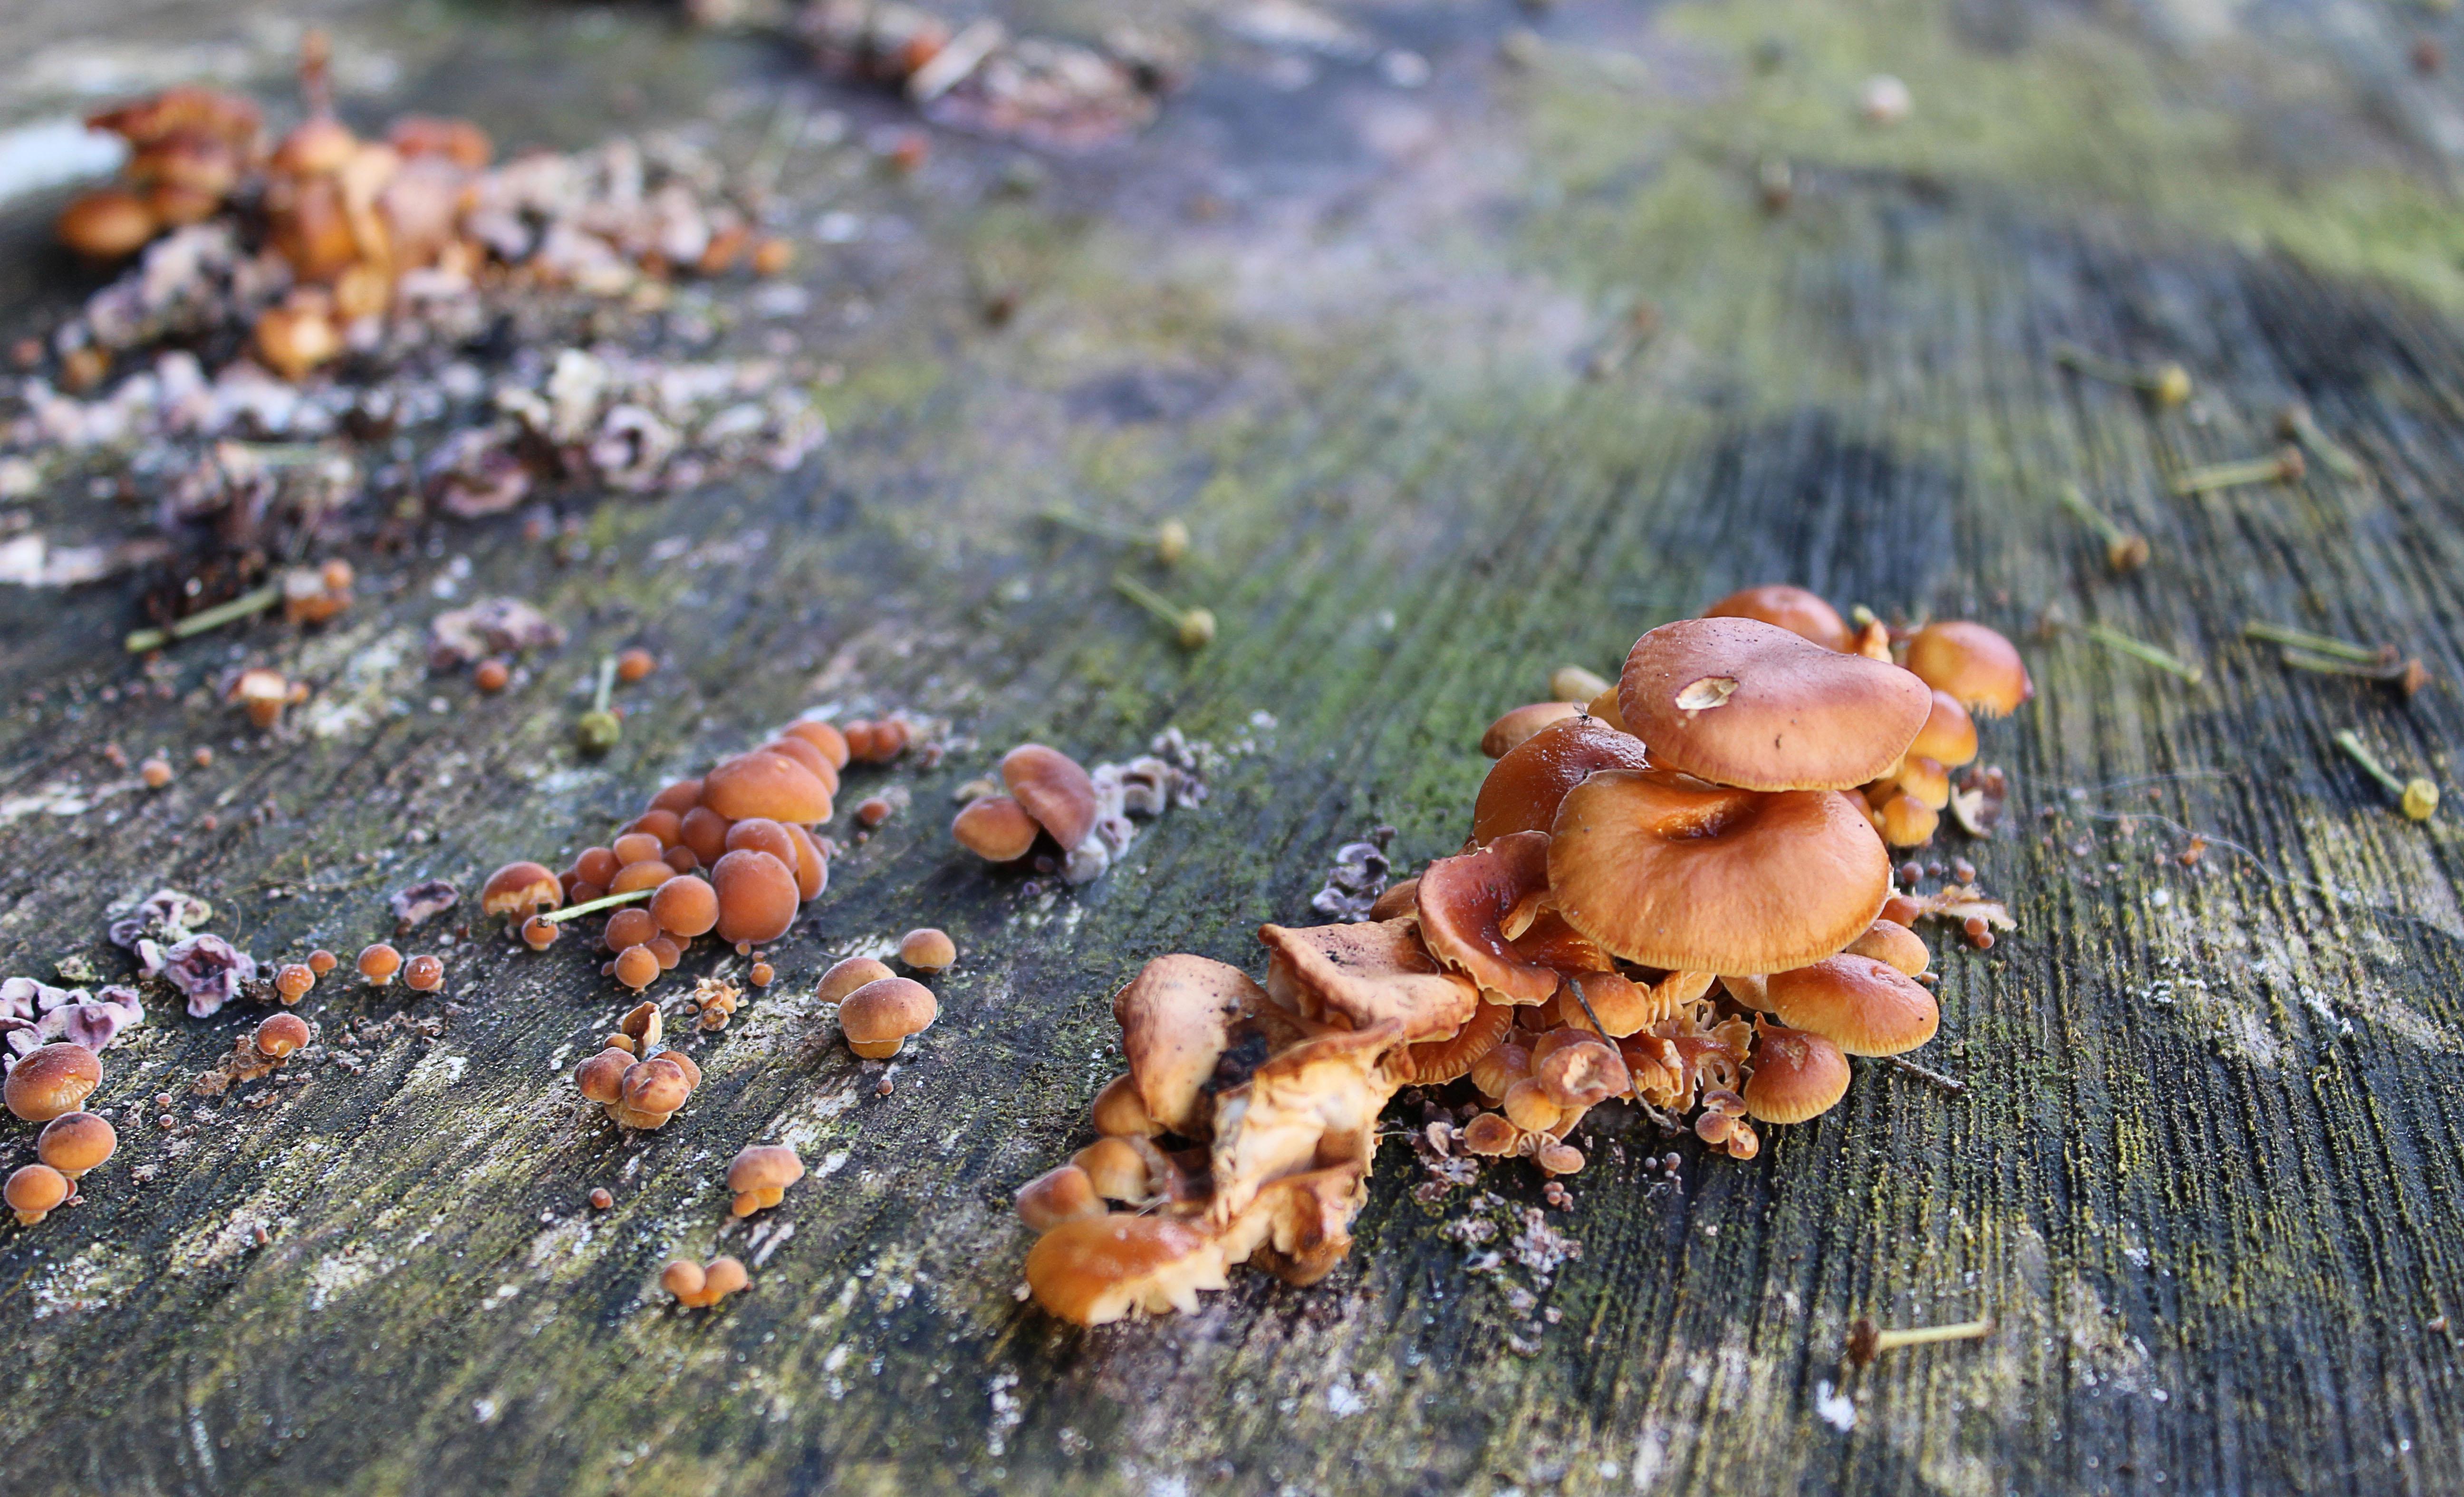 Mushrooms on tree truck